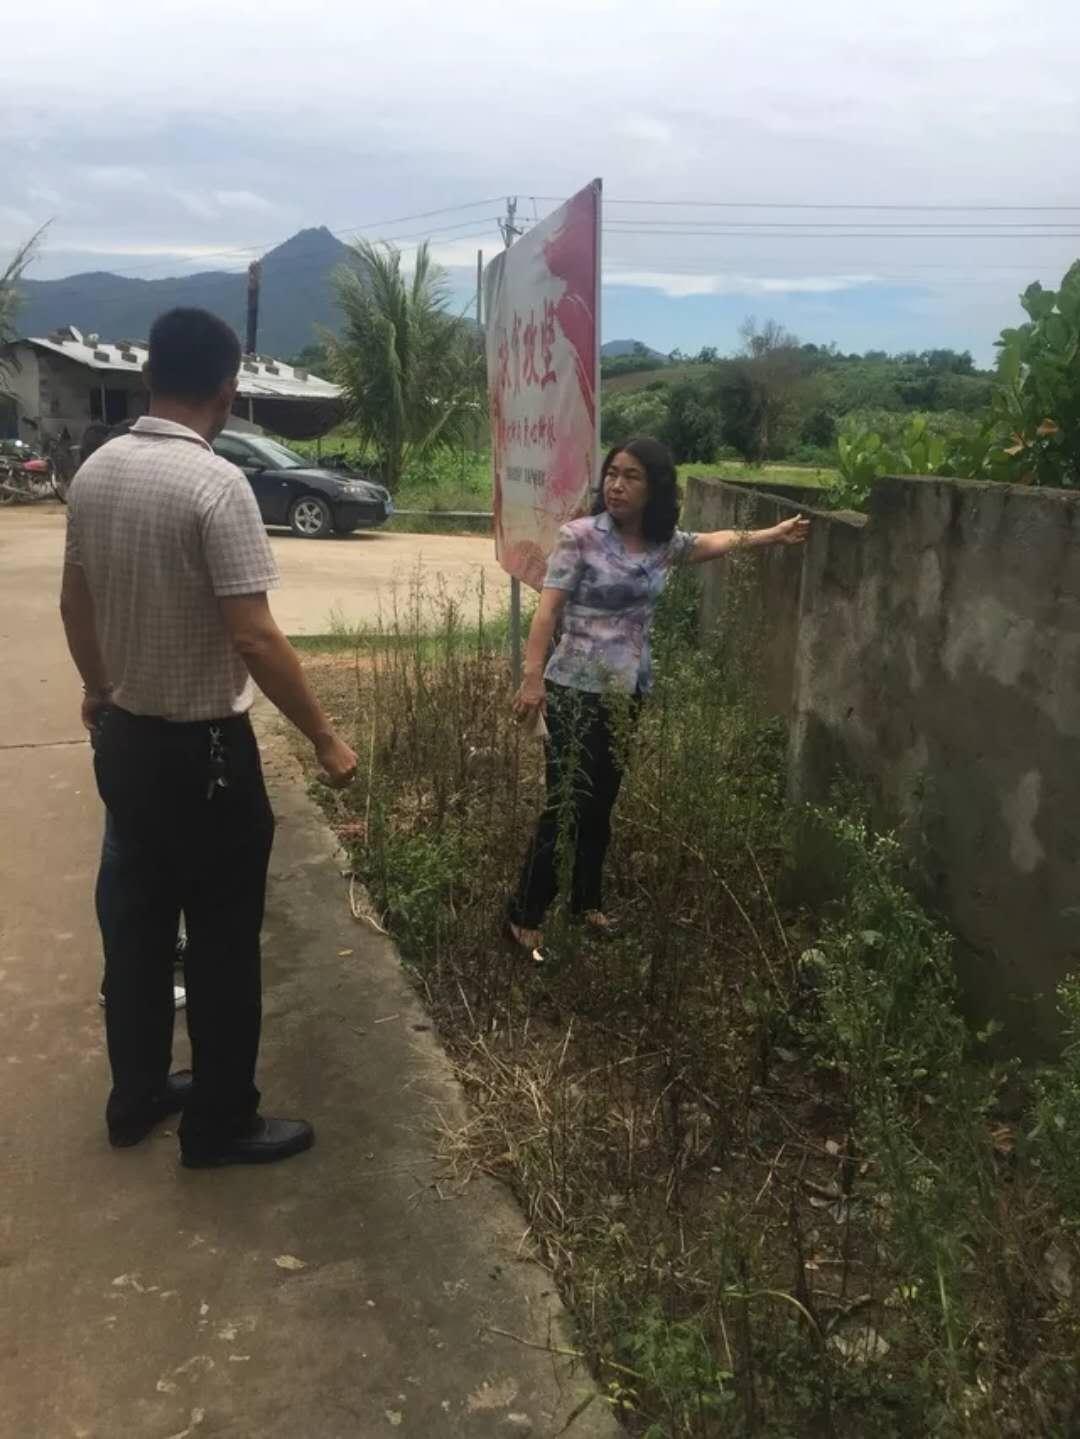 三亚市妇联领导到马脚村志马组调研指导脱贫攻坚宣传氛围营造工作